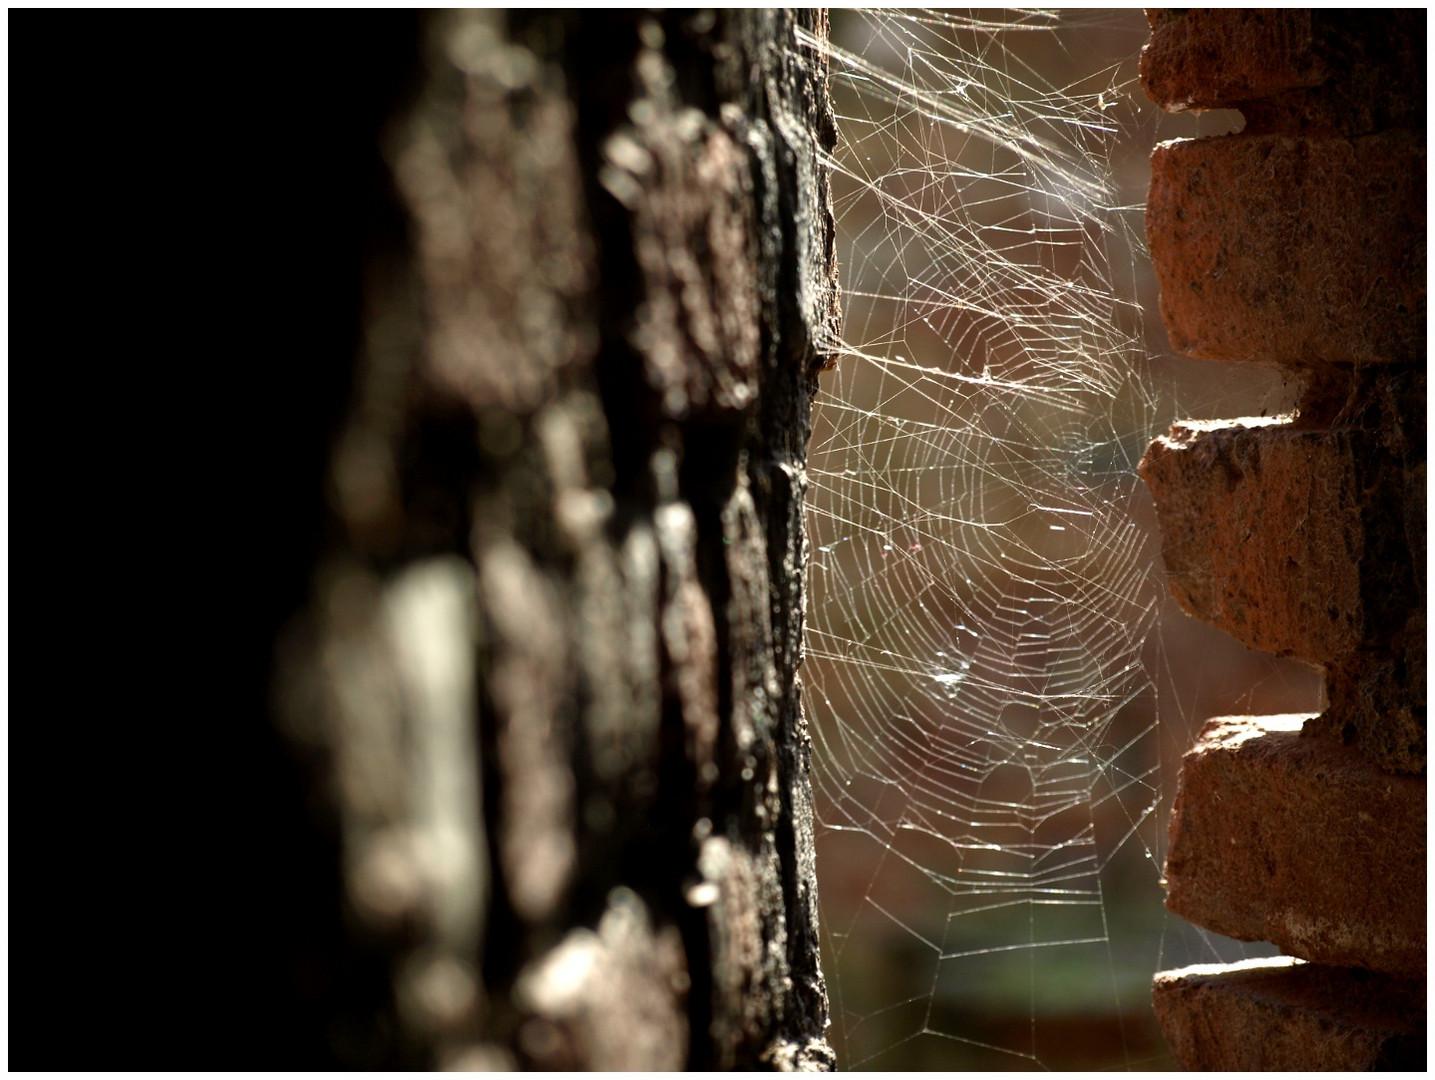 Spinnennetz in einer Schießscharte